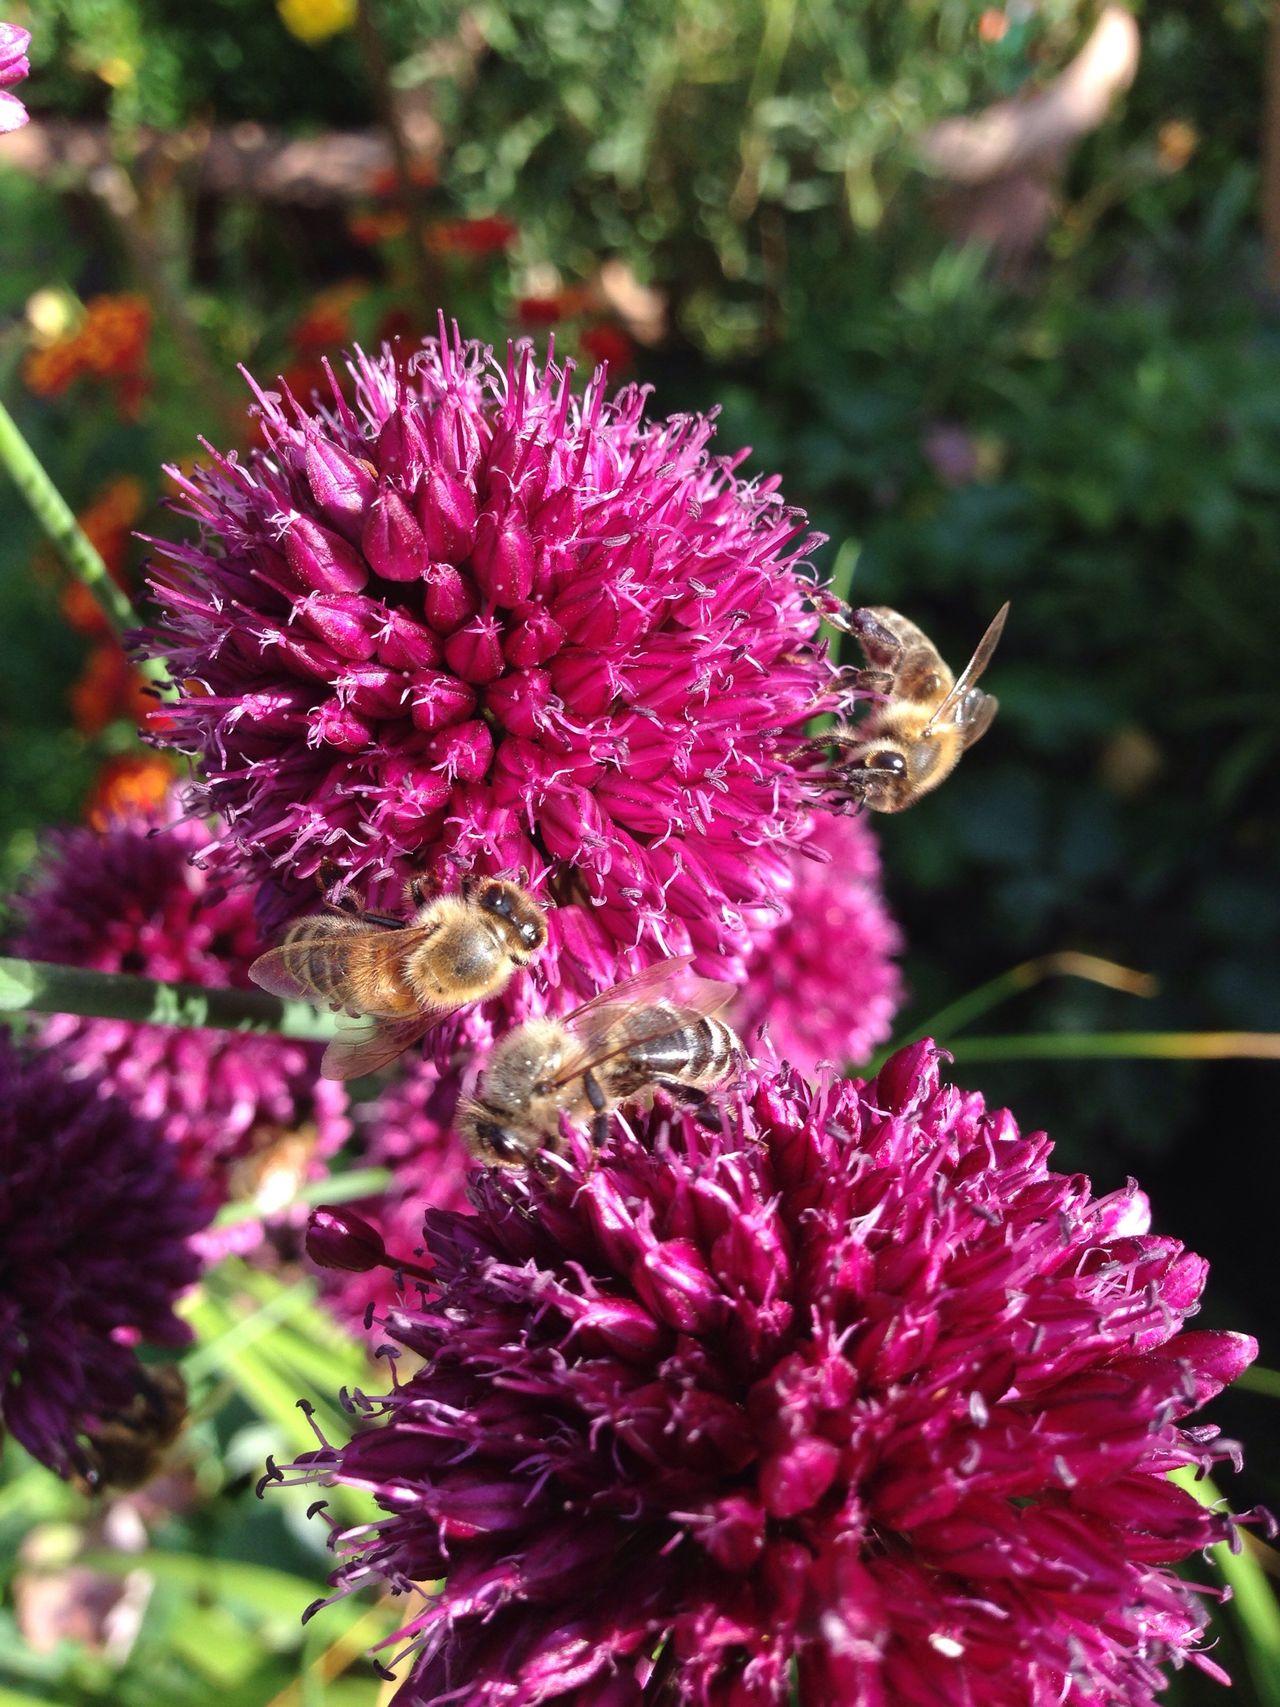 Garten Pflanze Natur Allium Sphaerocephalon Allium Flower Kugellauch Garden Zierlauch Garden Photography Lauch Wildbiene Wildbee Biene Bee Wildbienen Bienen Bei Der Arbeit Bienen  Bees Bees And Flowers